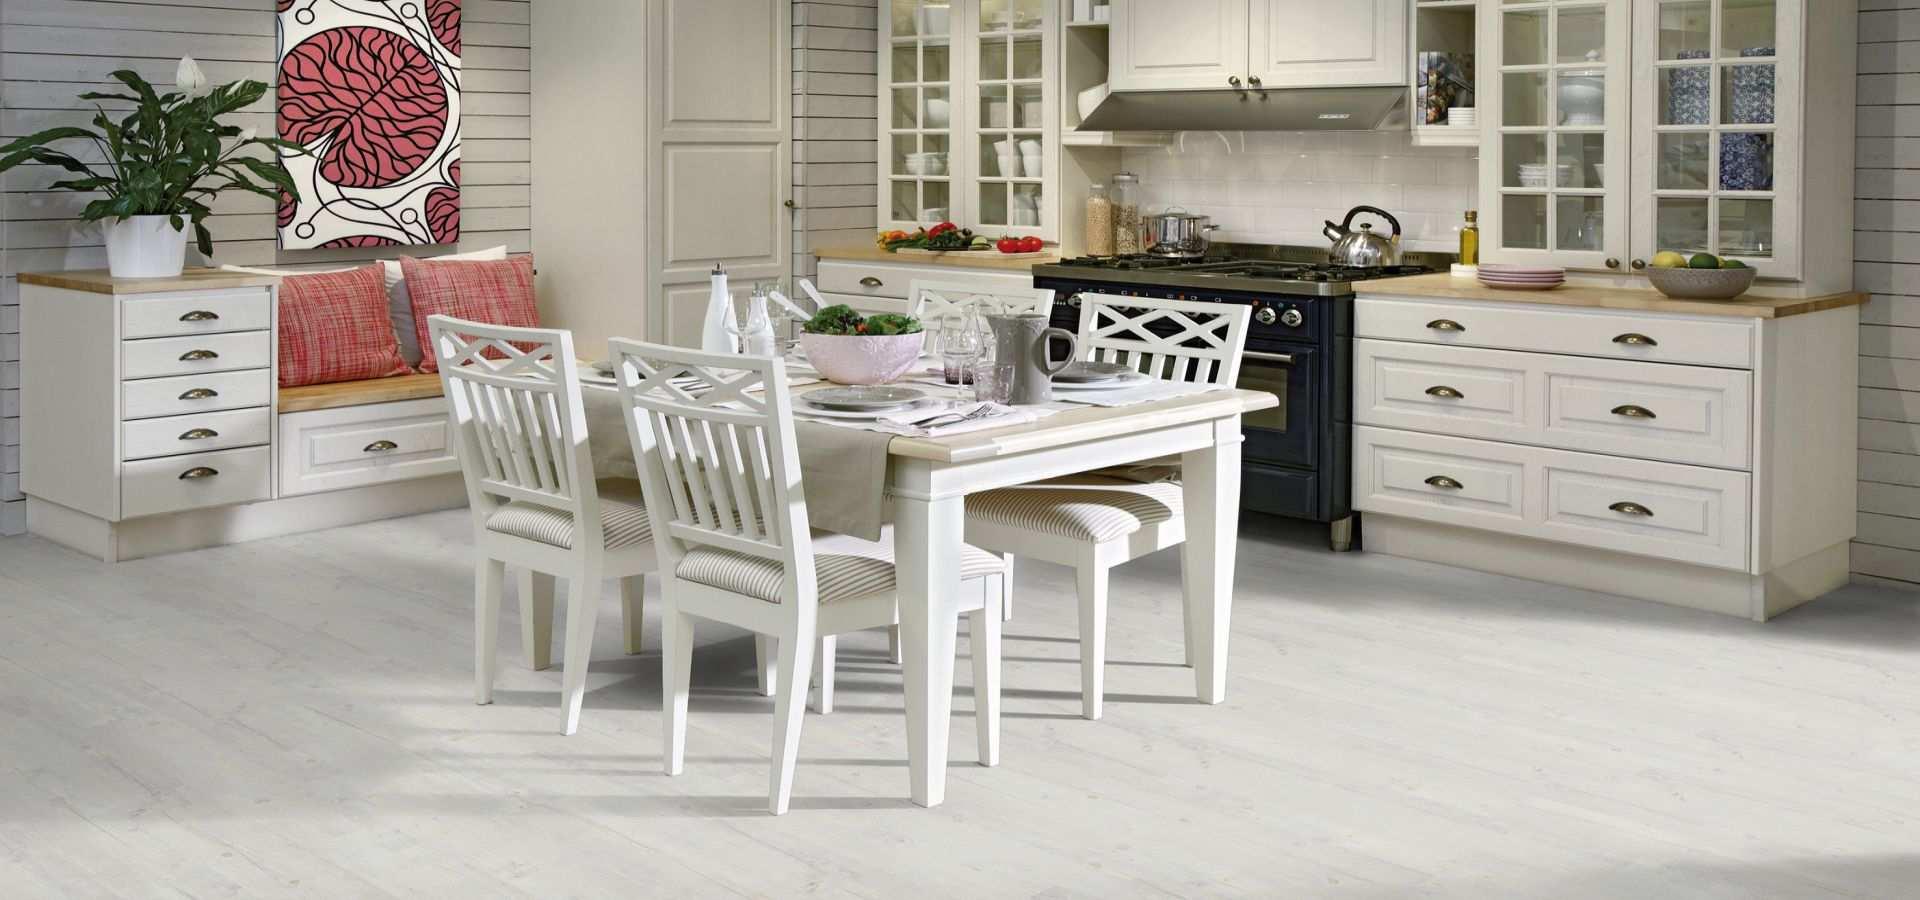 Bild Küche Designbelag Washed Pine